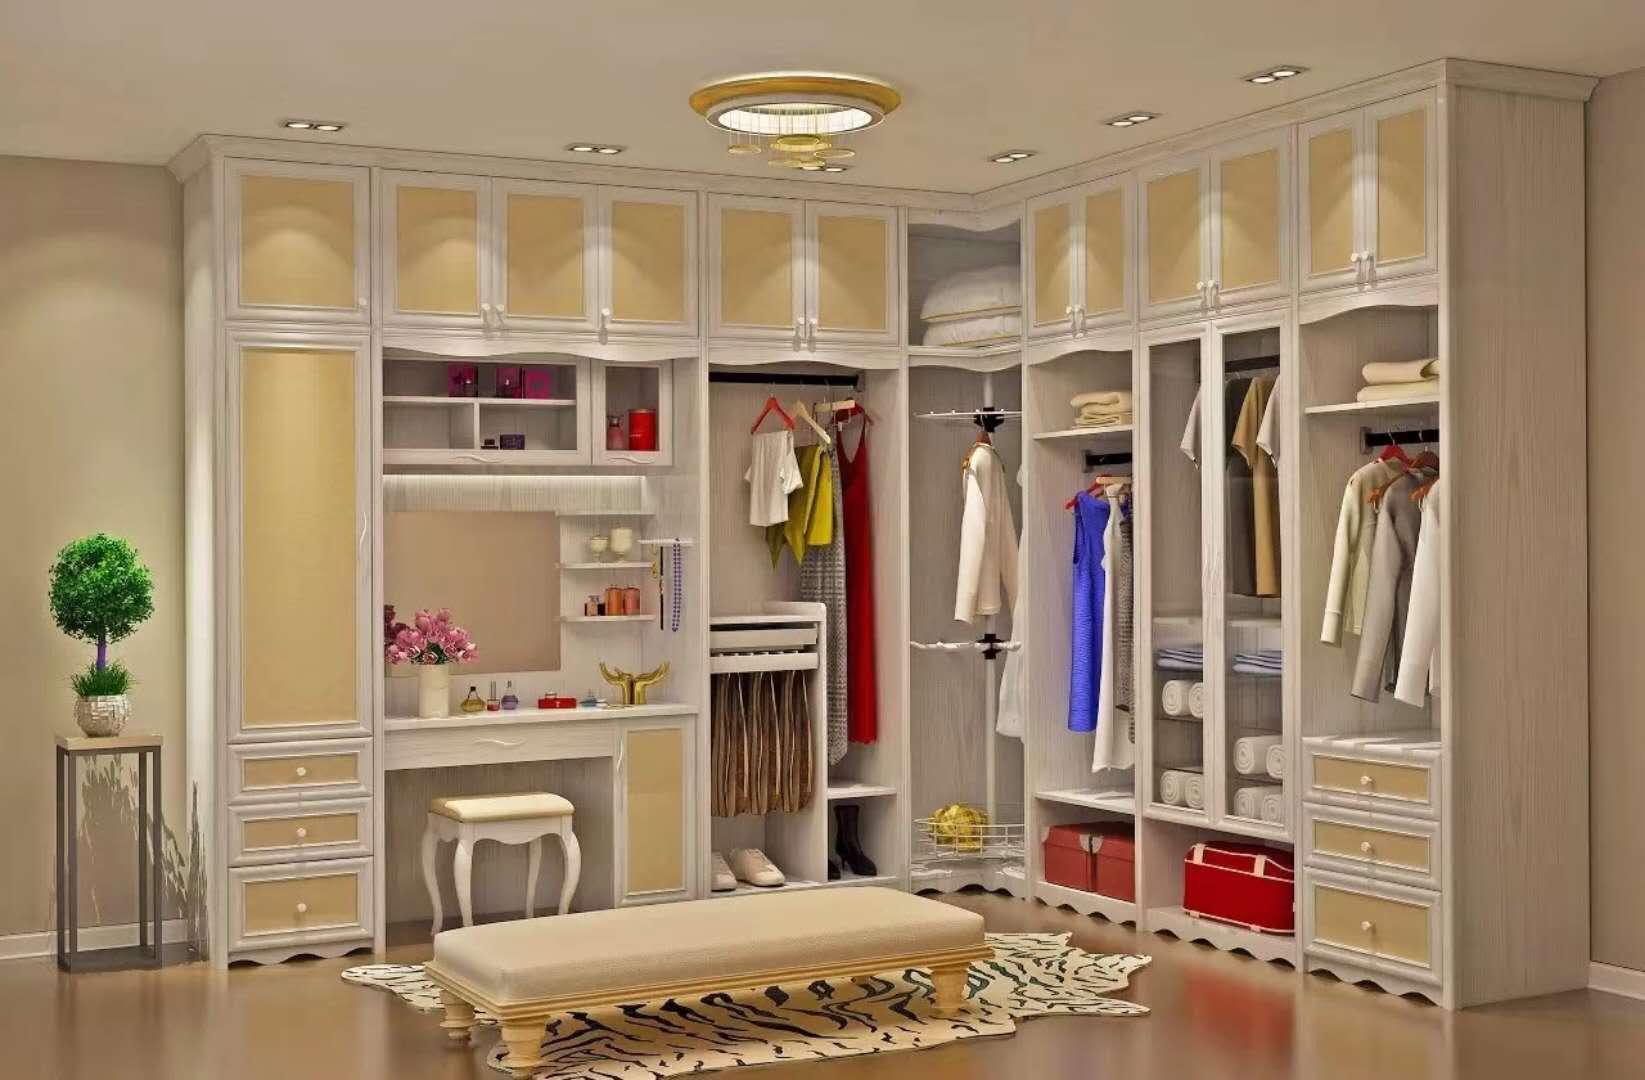 想找资深的板式家具定制,就来佛山华良虎家居-典雅的佛山衣柜定制